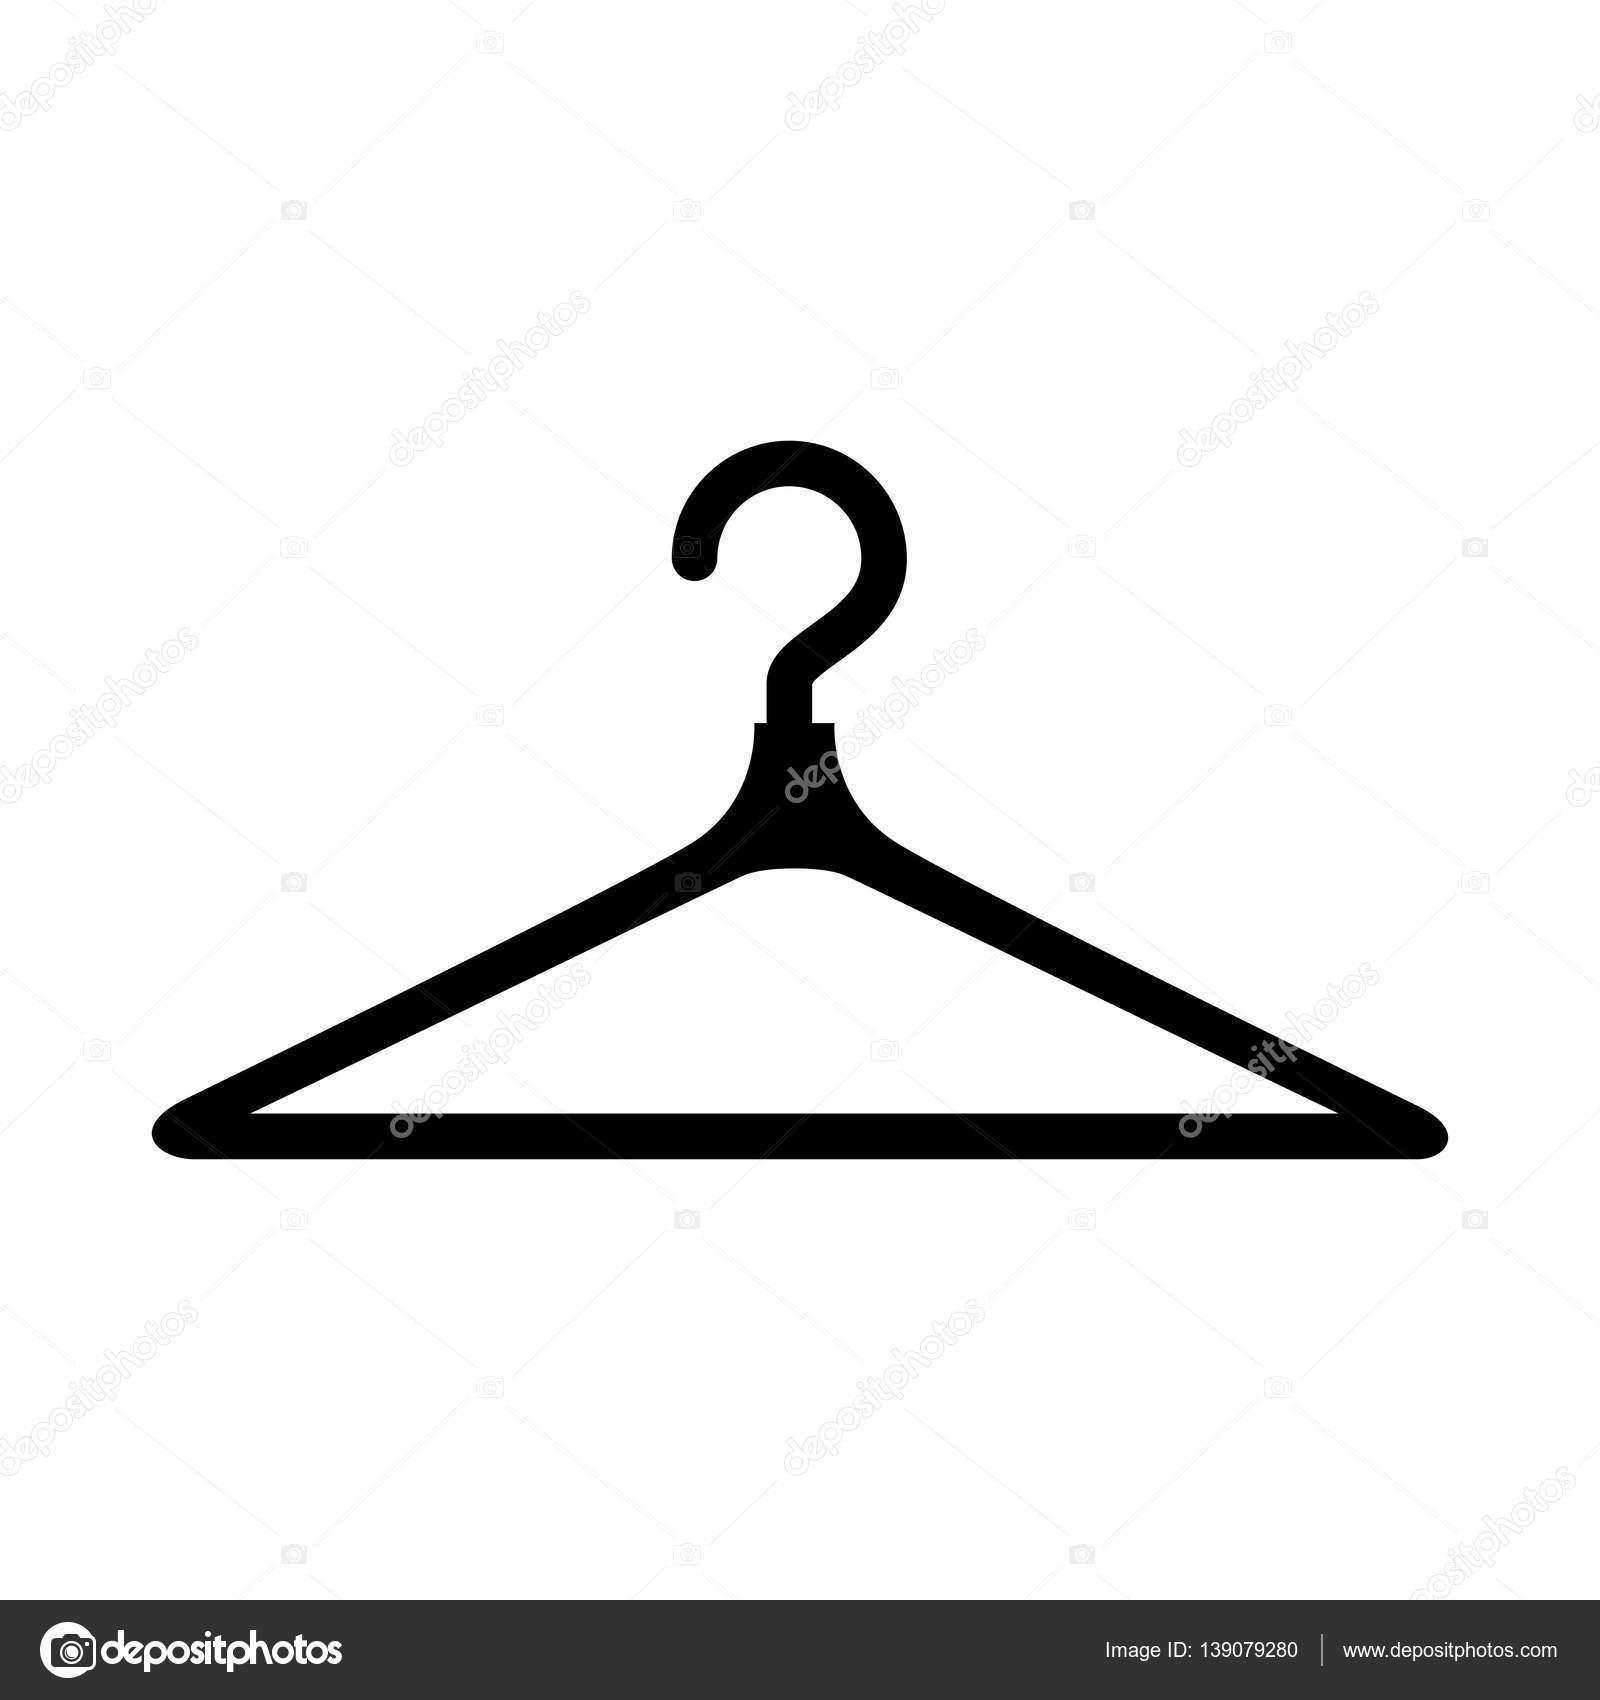 Ropa gancho icono aislado archivo im genes vectoriales for Gancho colgador de ropa